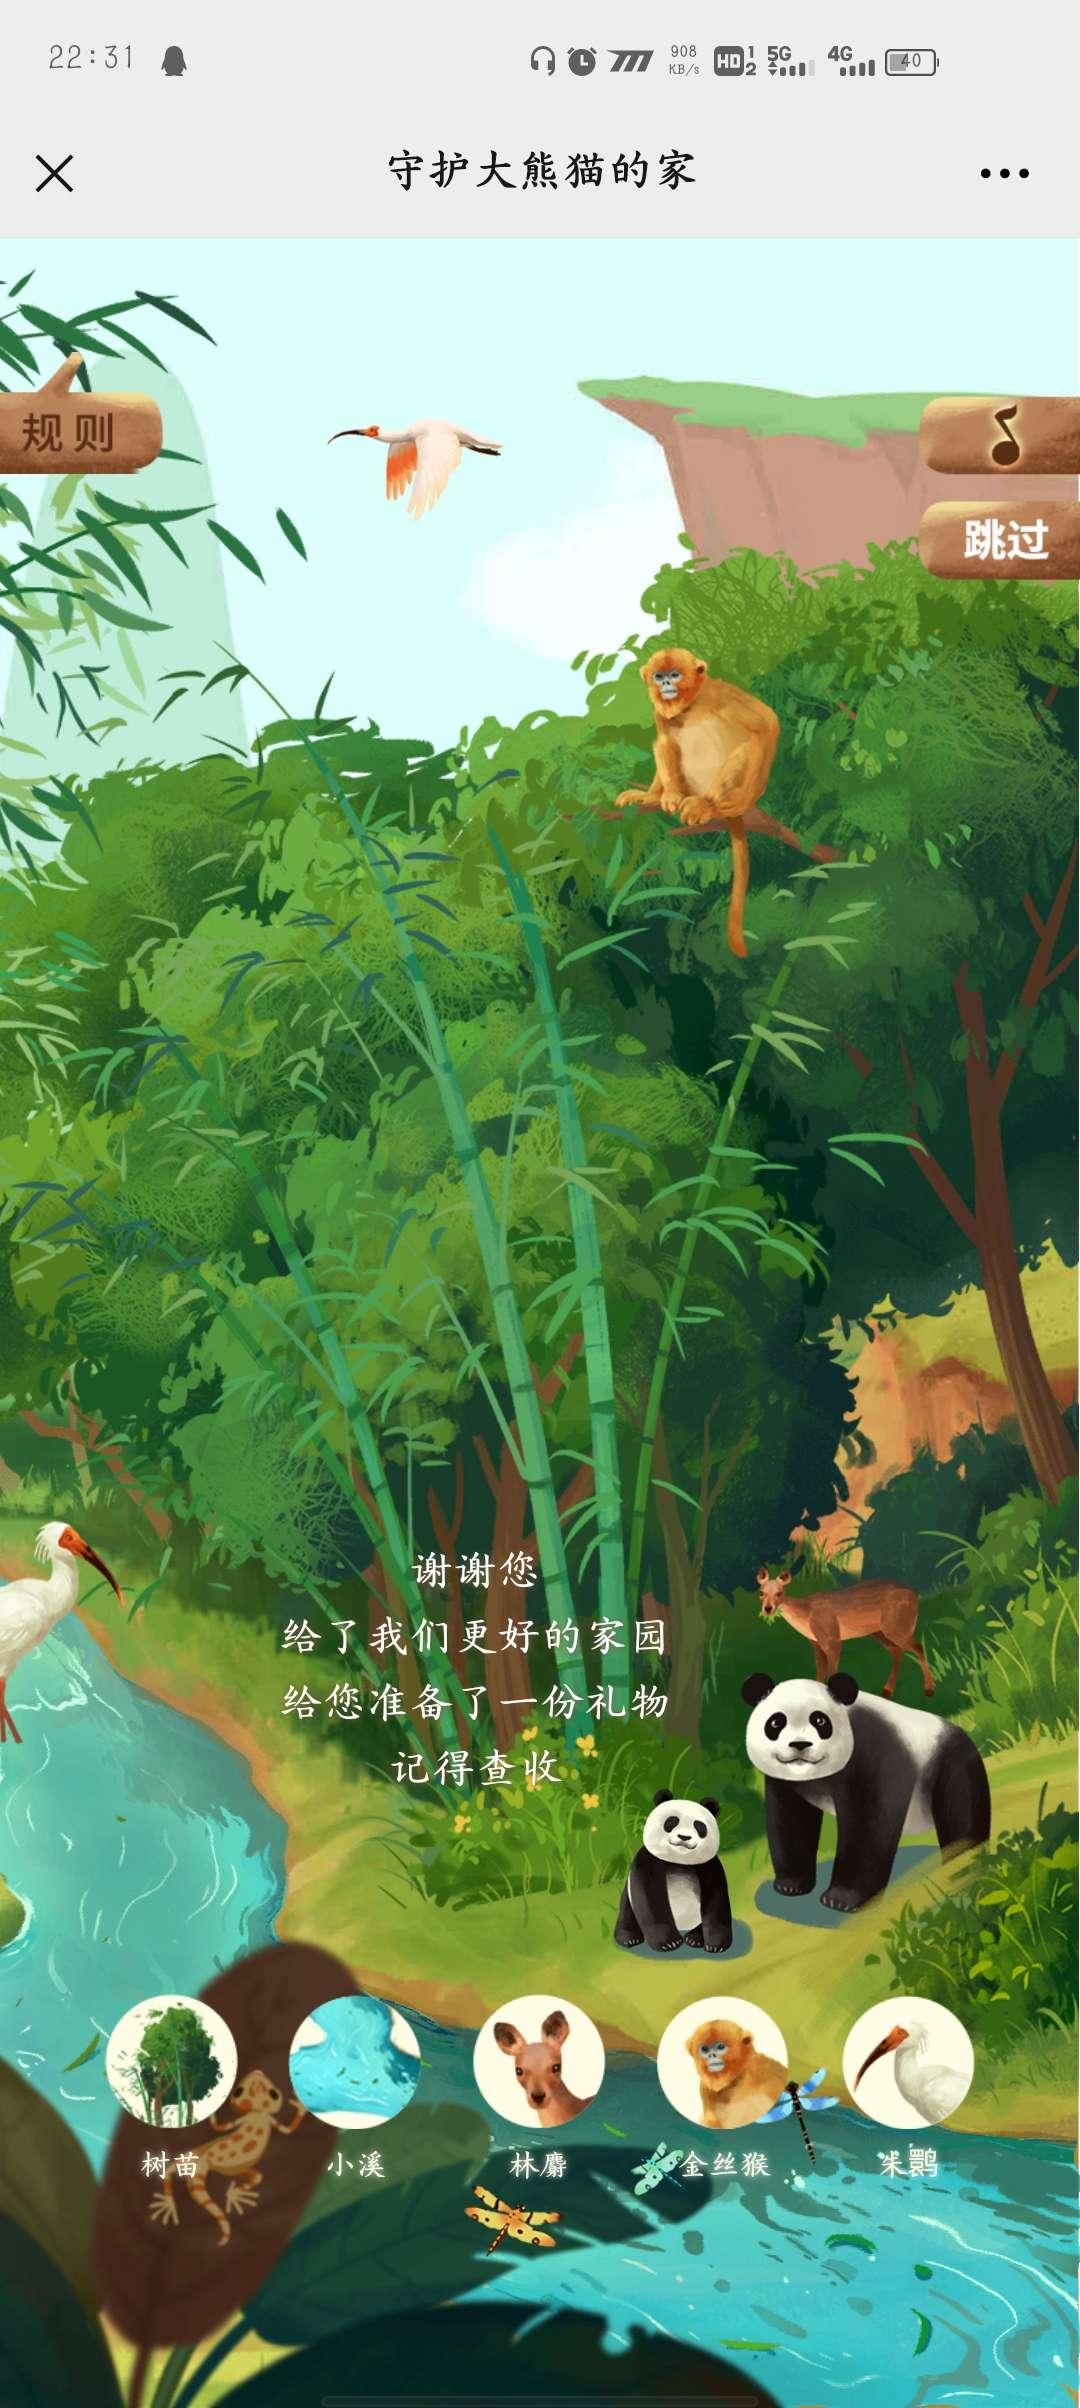 【现金红包】平安生命守护熊猫家的转盘抽签插图1